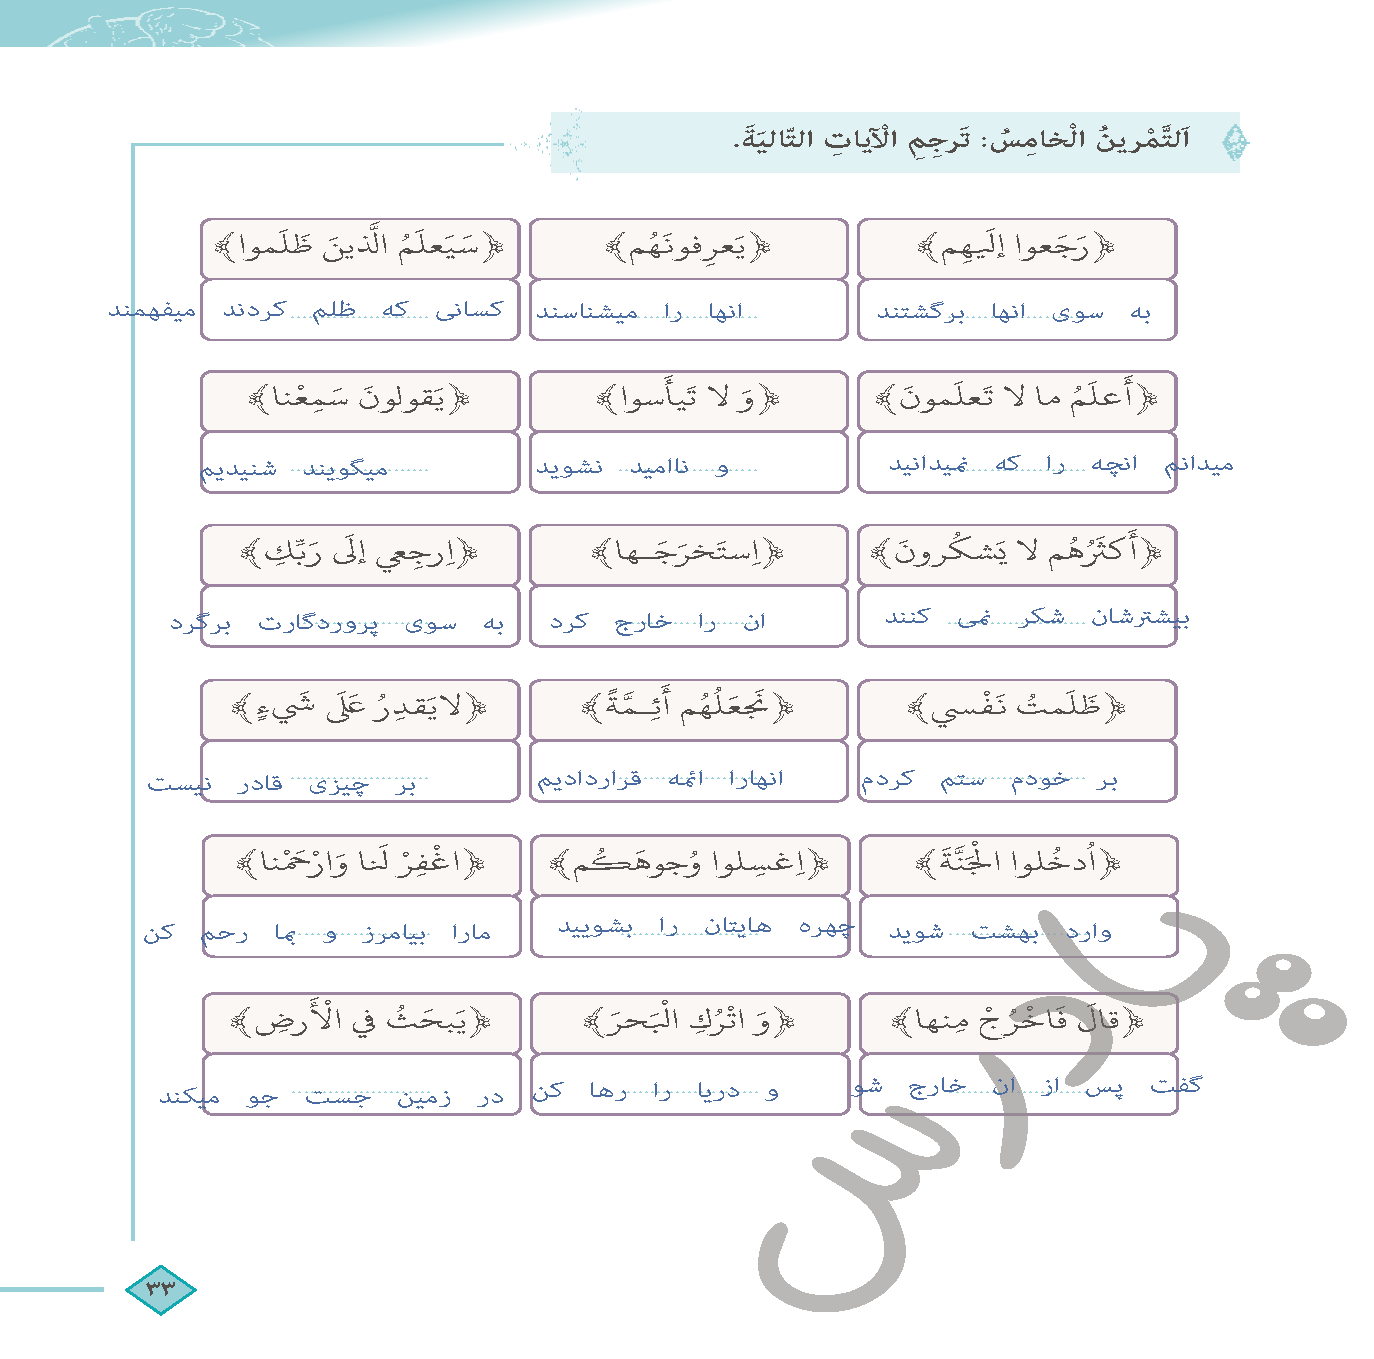 حل تمرین 5 درس سوم عربی دهم انسانی